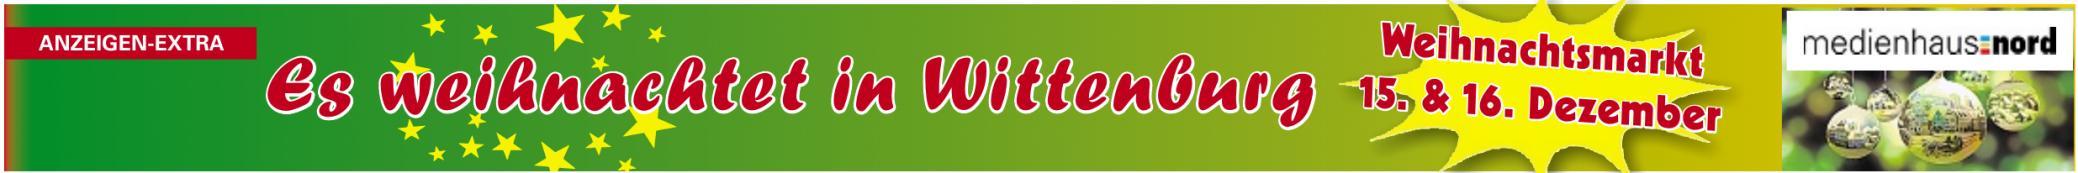 Wittenburg: Programm des Weihnachtsmarktes 2019